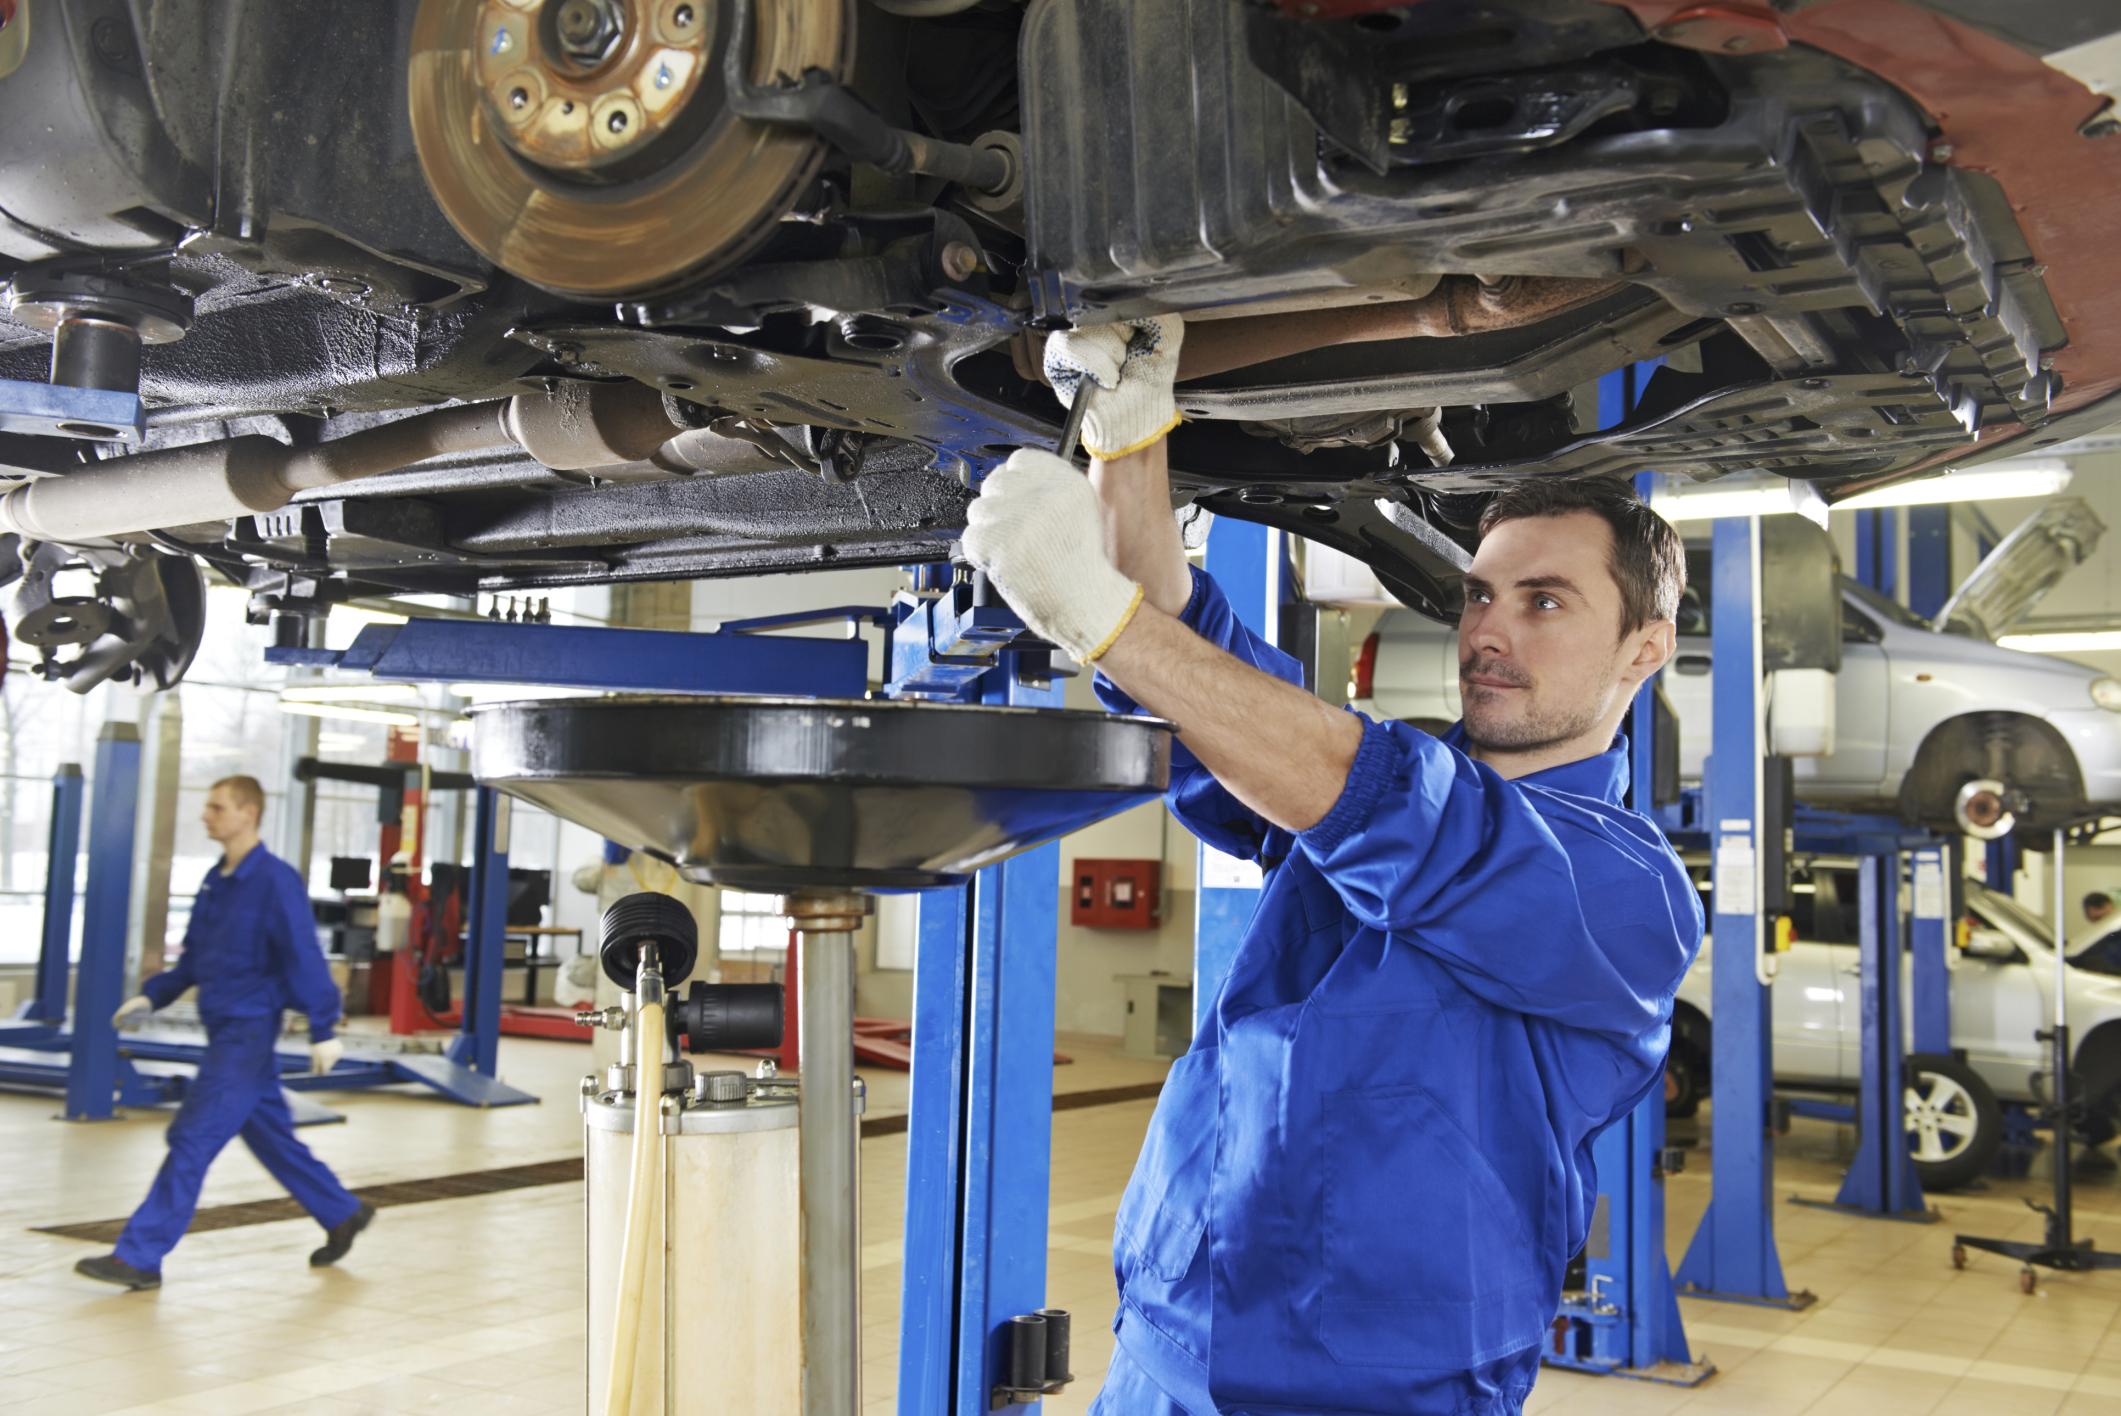 Pourquoi les réparations de nos autos valent toujours plus chères ?